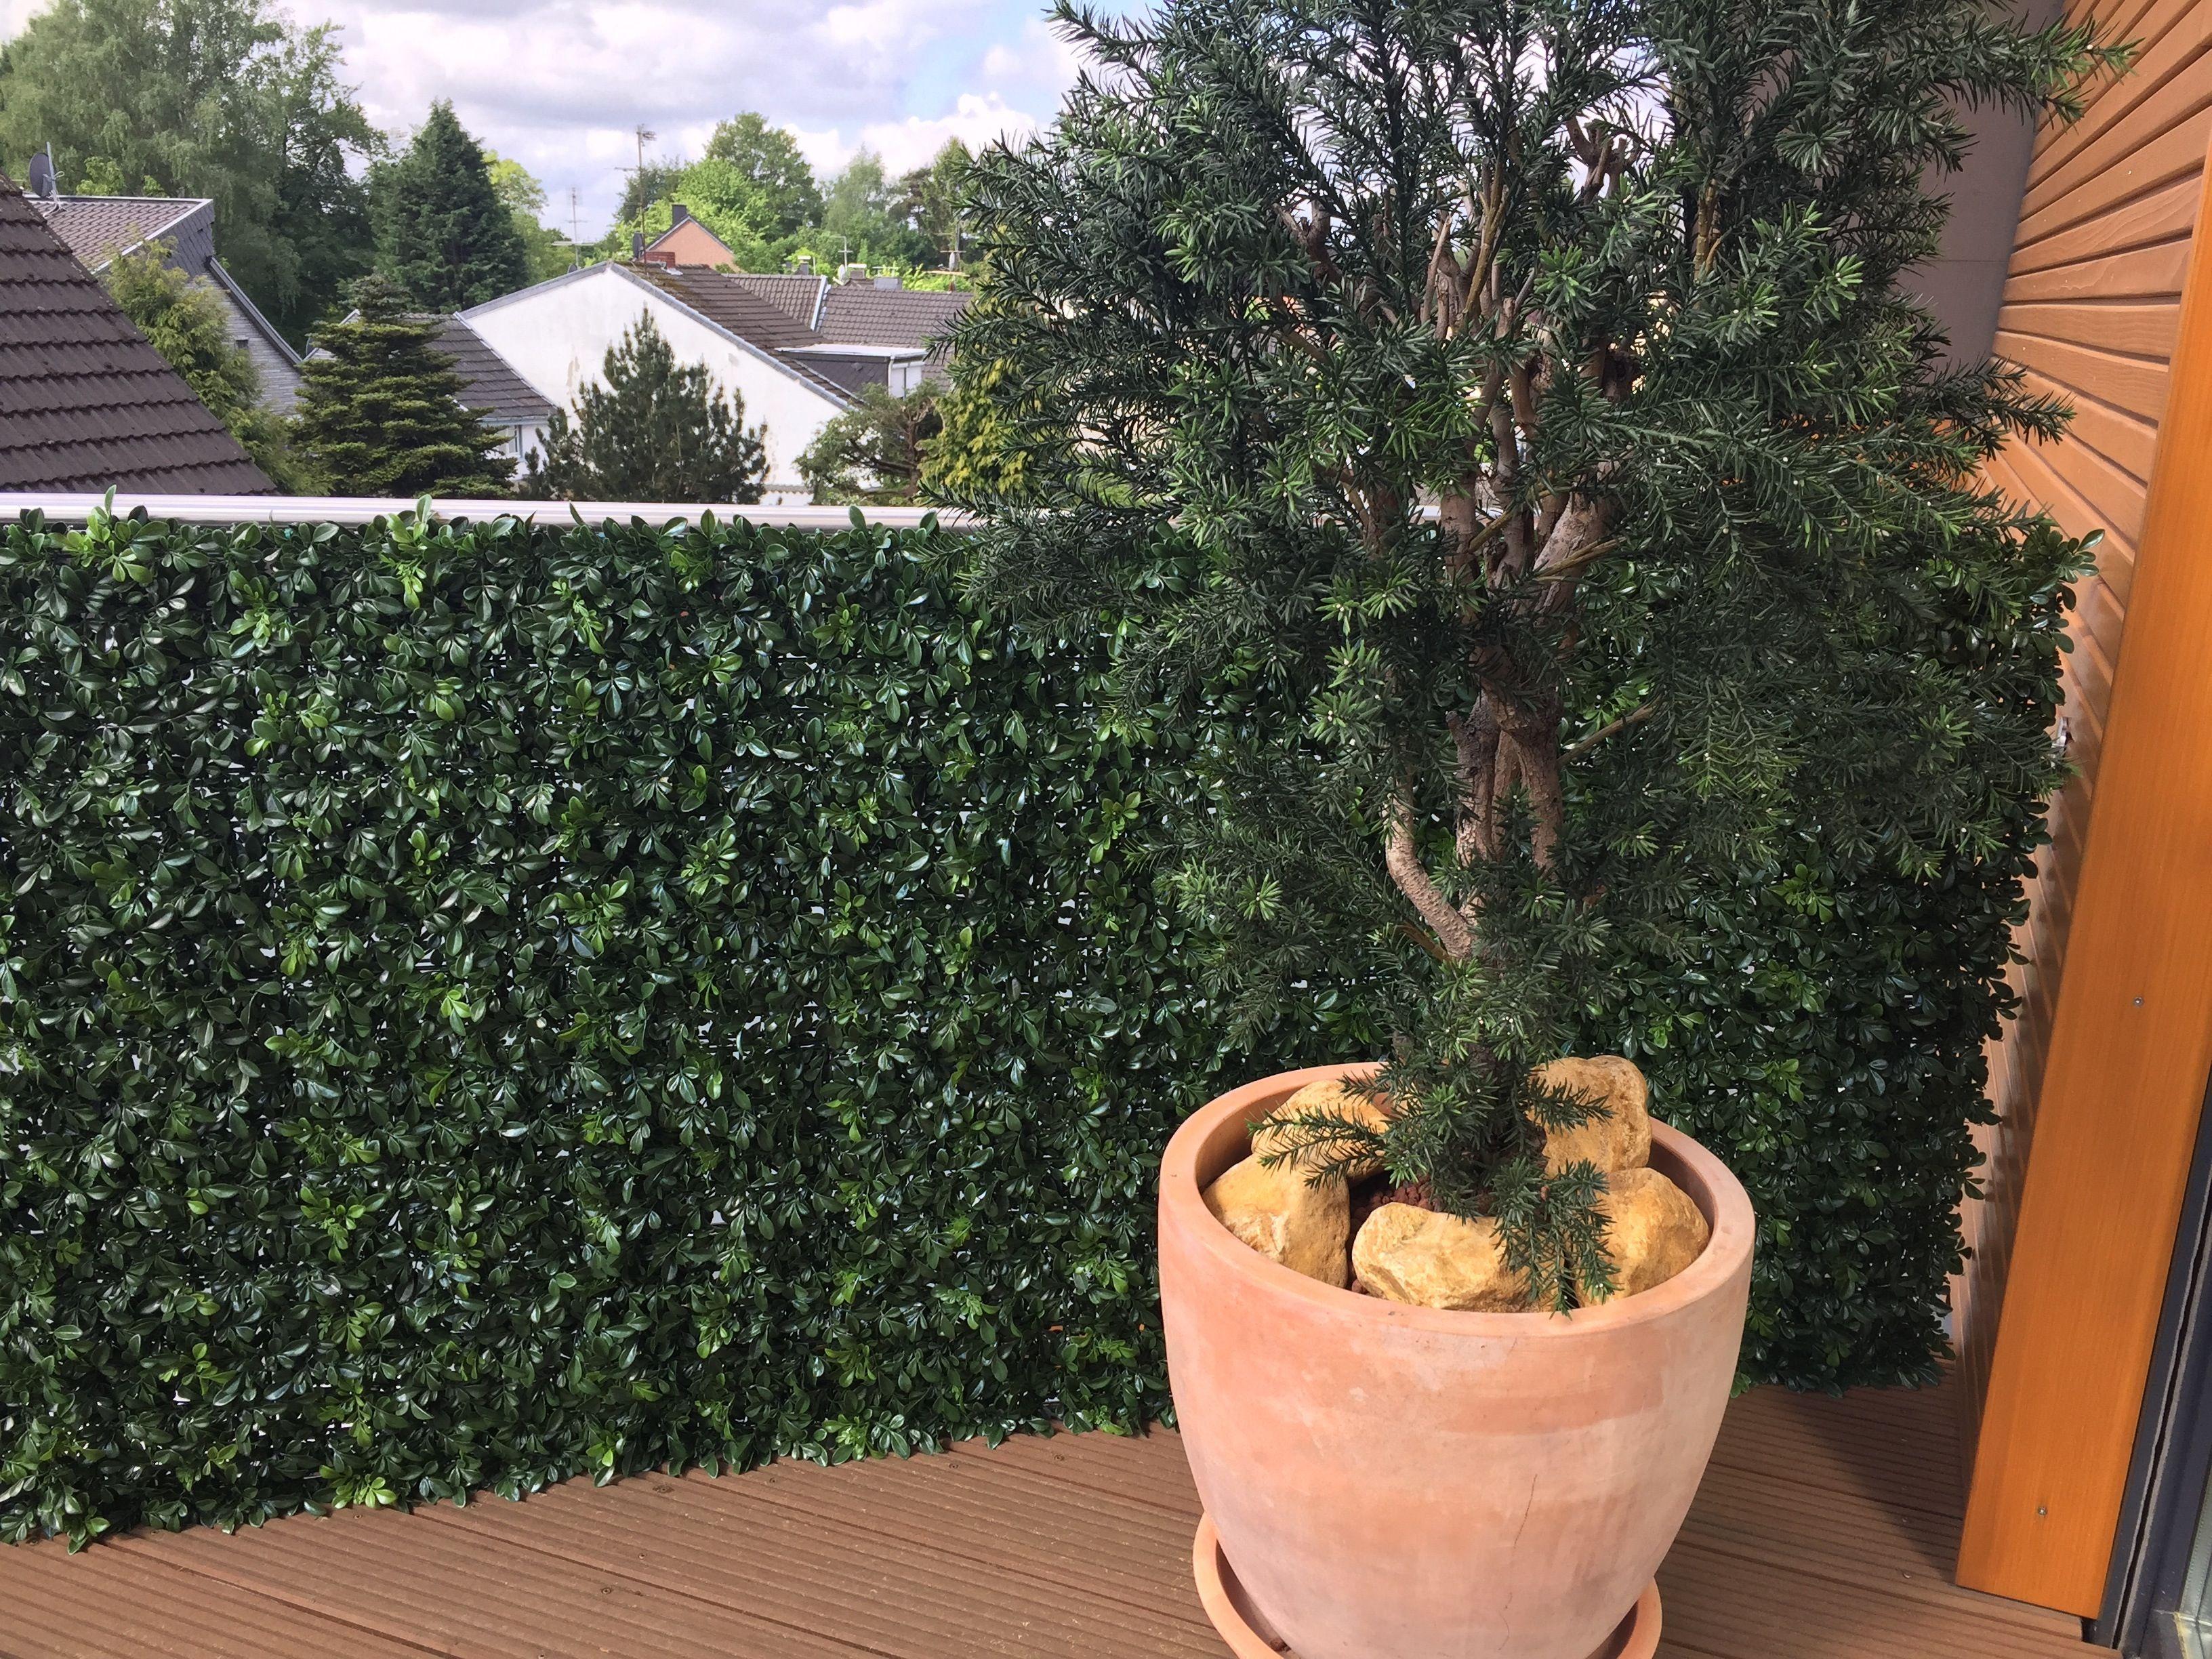 Wetterfeste Kunstpflanzen Von Bellaplanta Individuelle